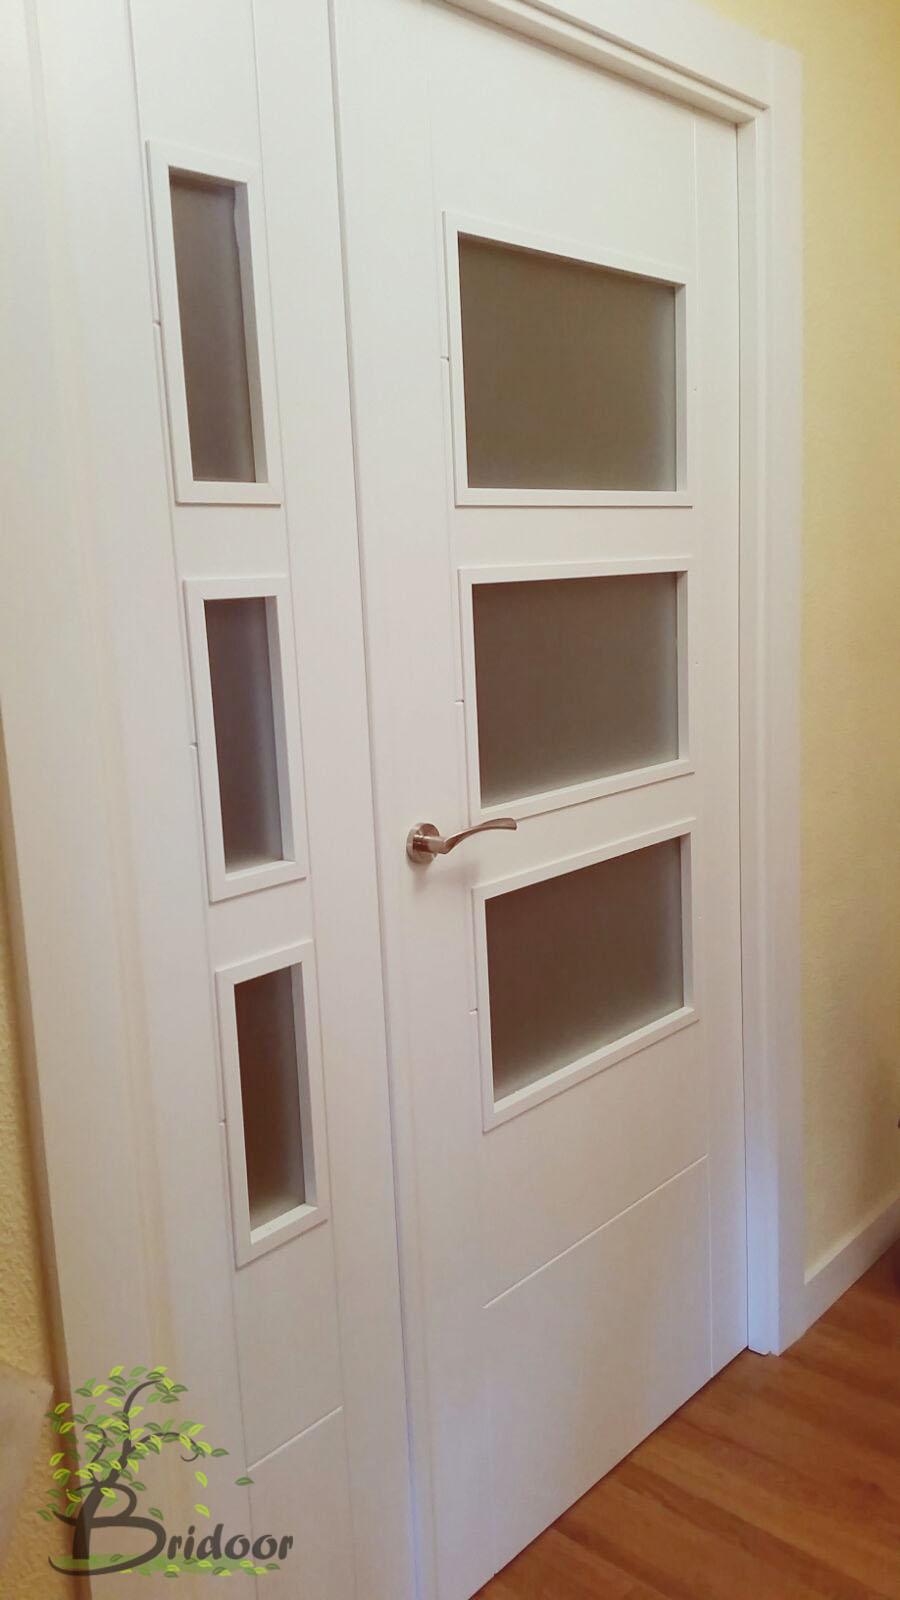 Bridoor s l vivienda lacada paracuellos del jarama - Puertas lacadas en madrid ...